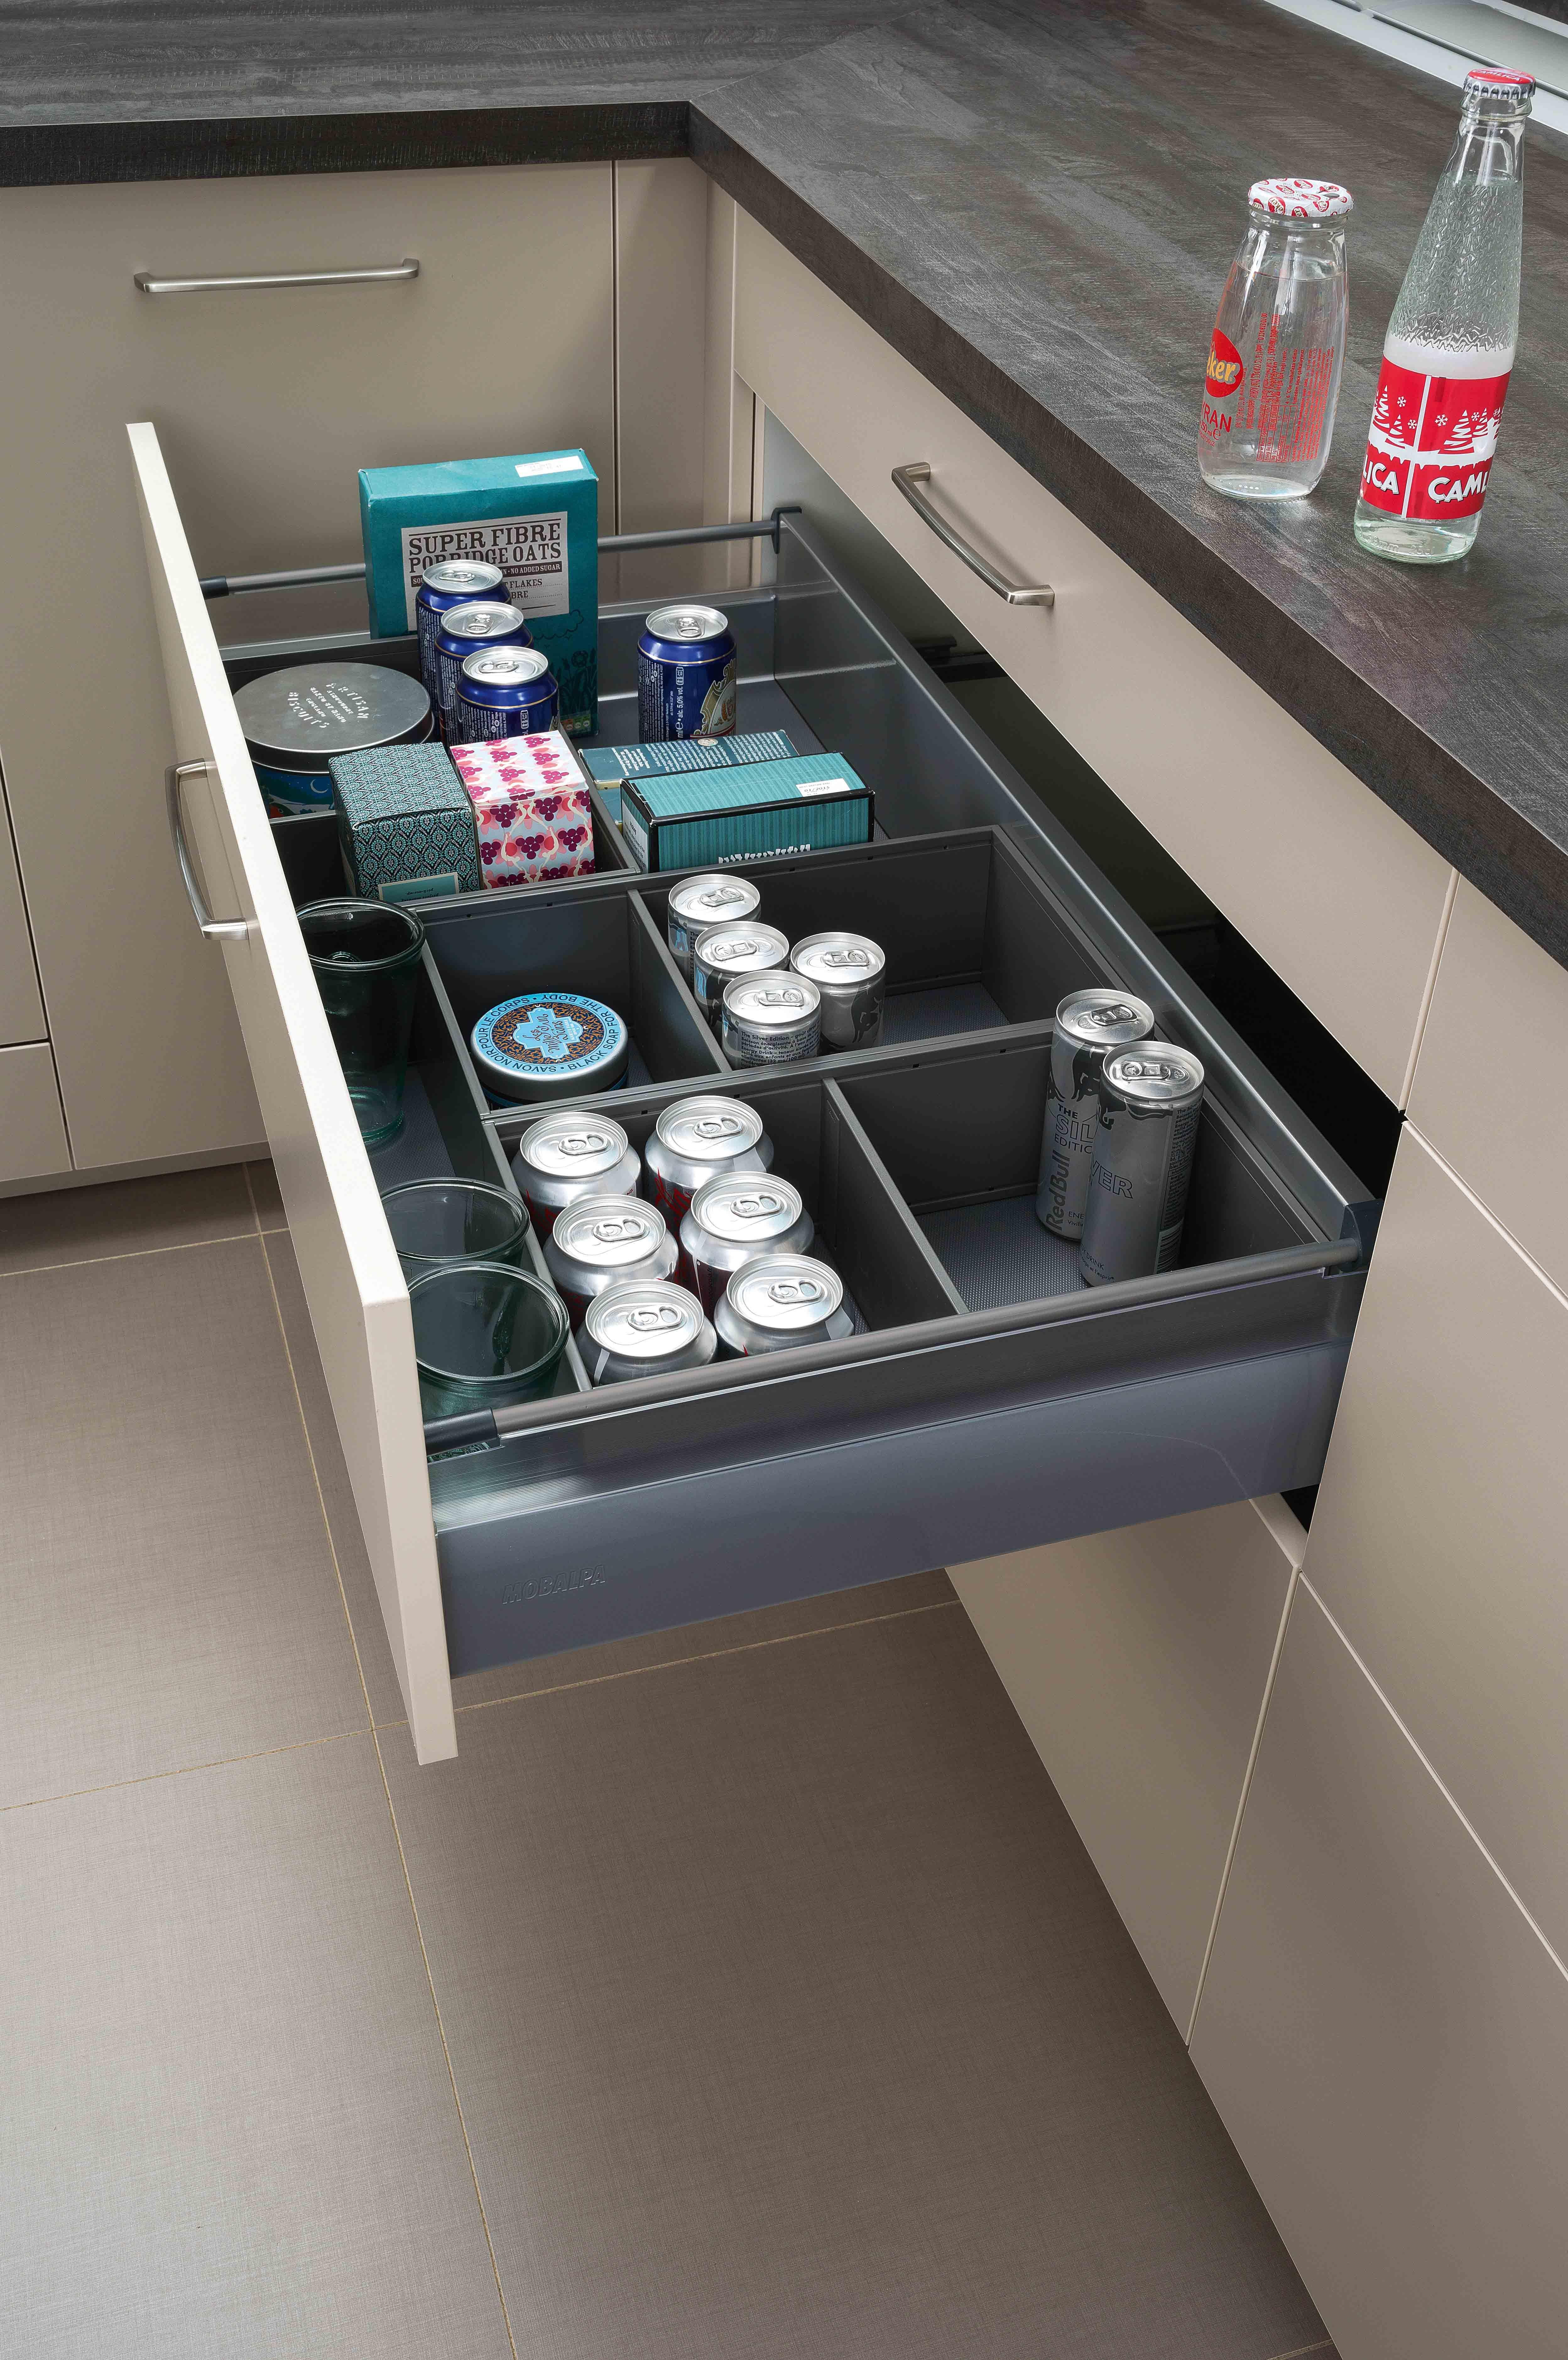 un tiroir coulissant 100 ergonomique et si pratique rangement amenagement cuisine ipractis meubles de rangement mobilier de salon rangement